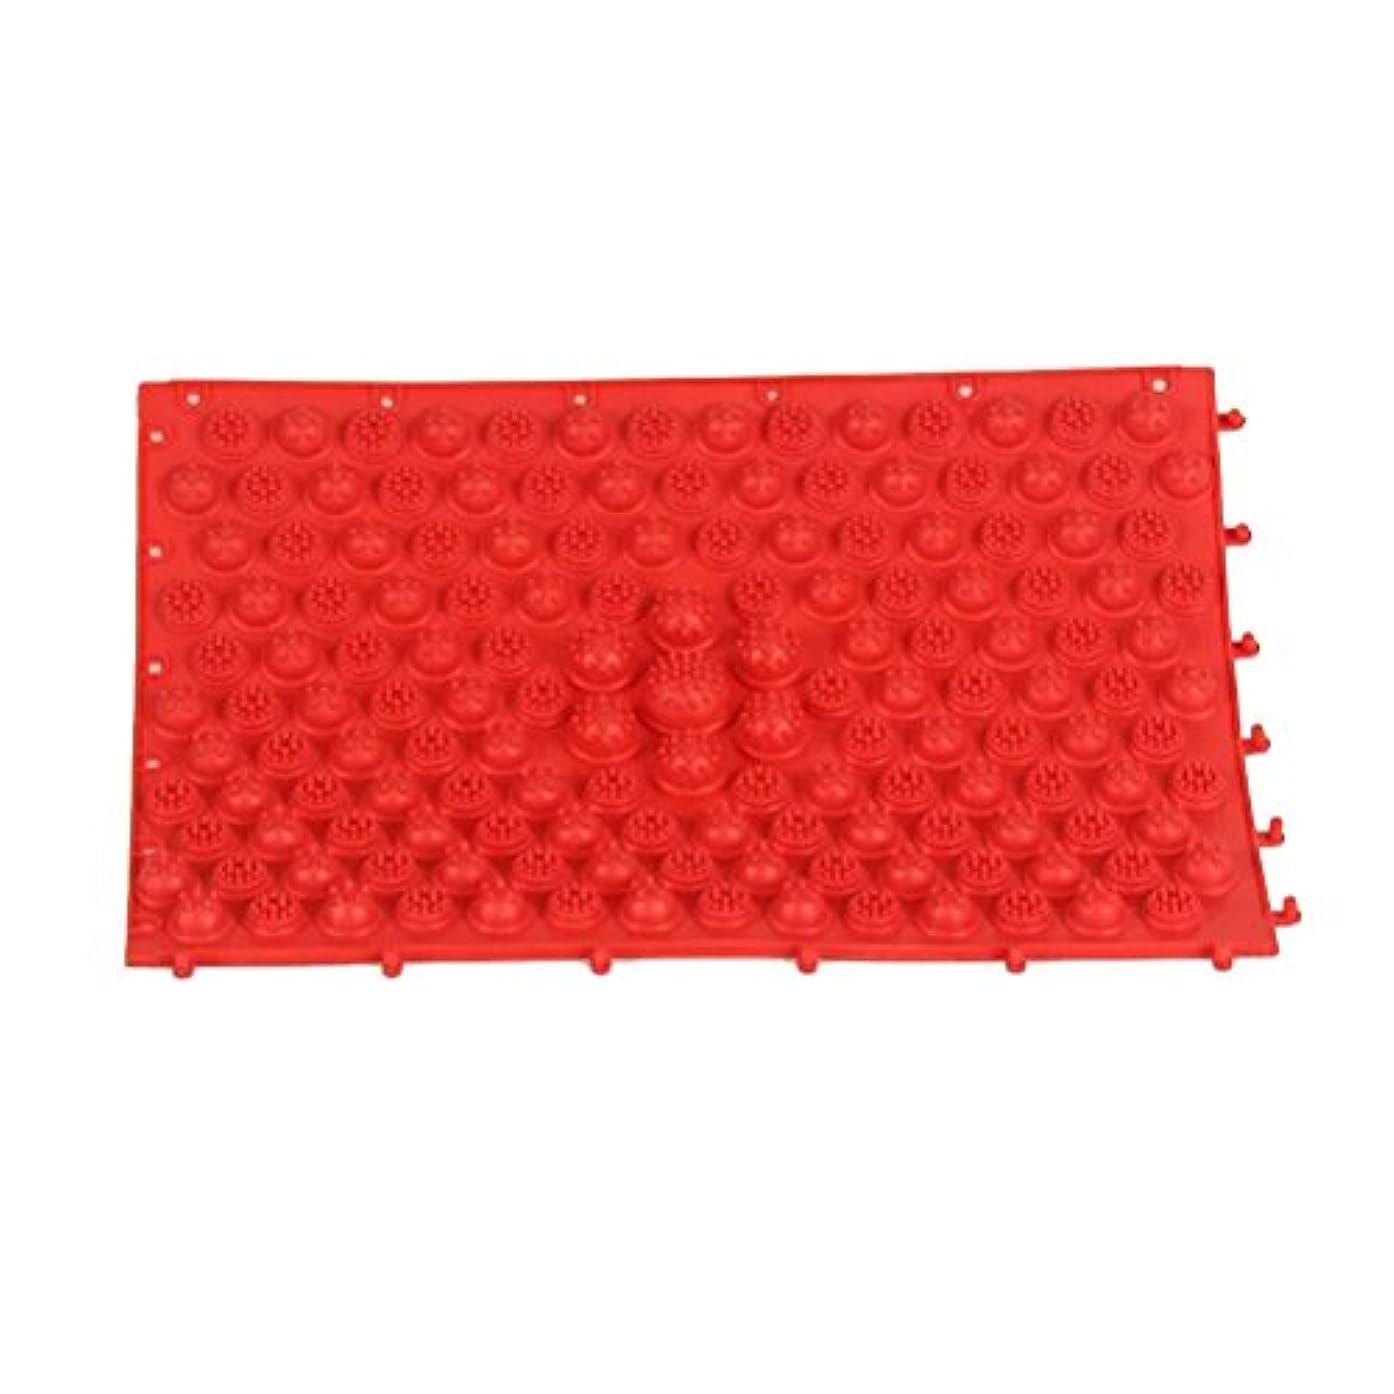 鉄み個人ROSENICE 足のマッサージマット血液循環指圧マットフィートヘルスケアマッサージプレート(赤)